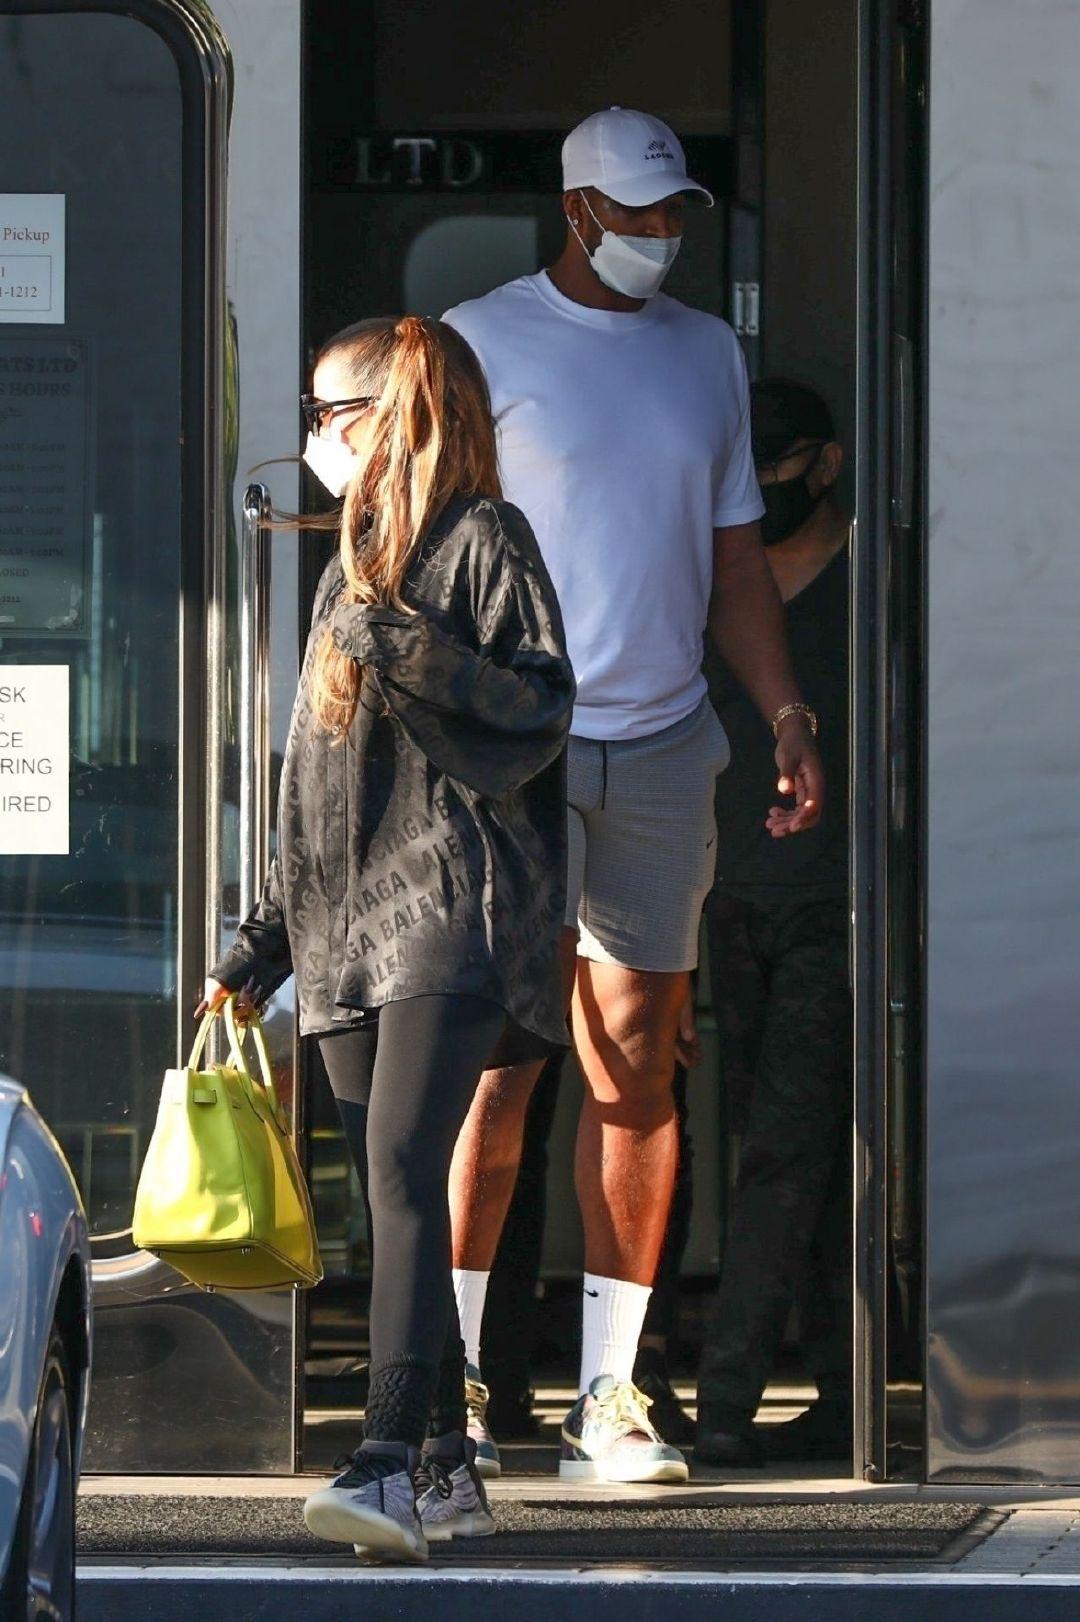 科勒·卡戴珊(Khloe Kardashian)和特里斯坦·汤普森(Tristan Thomps